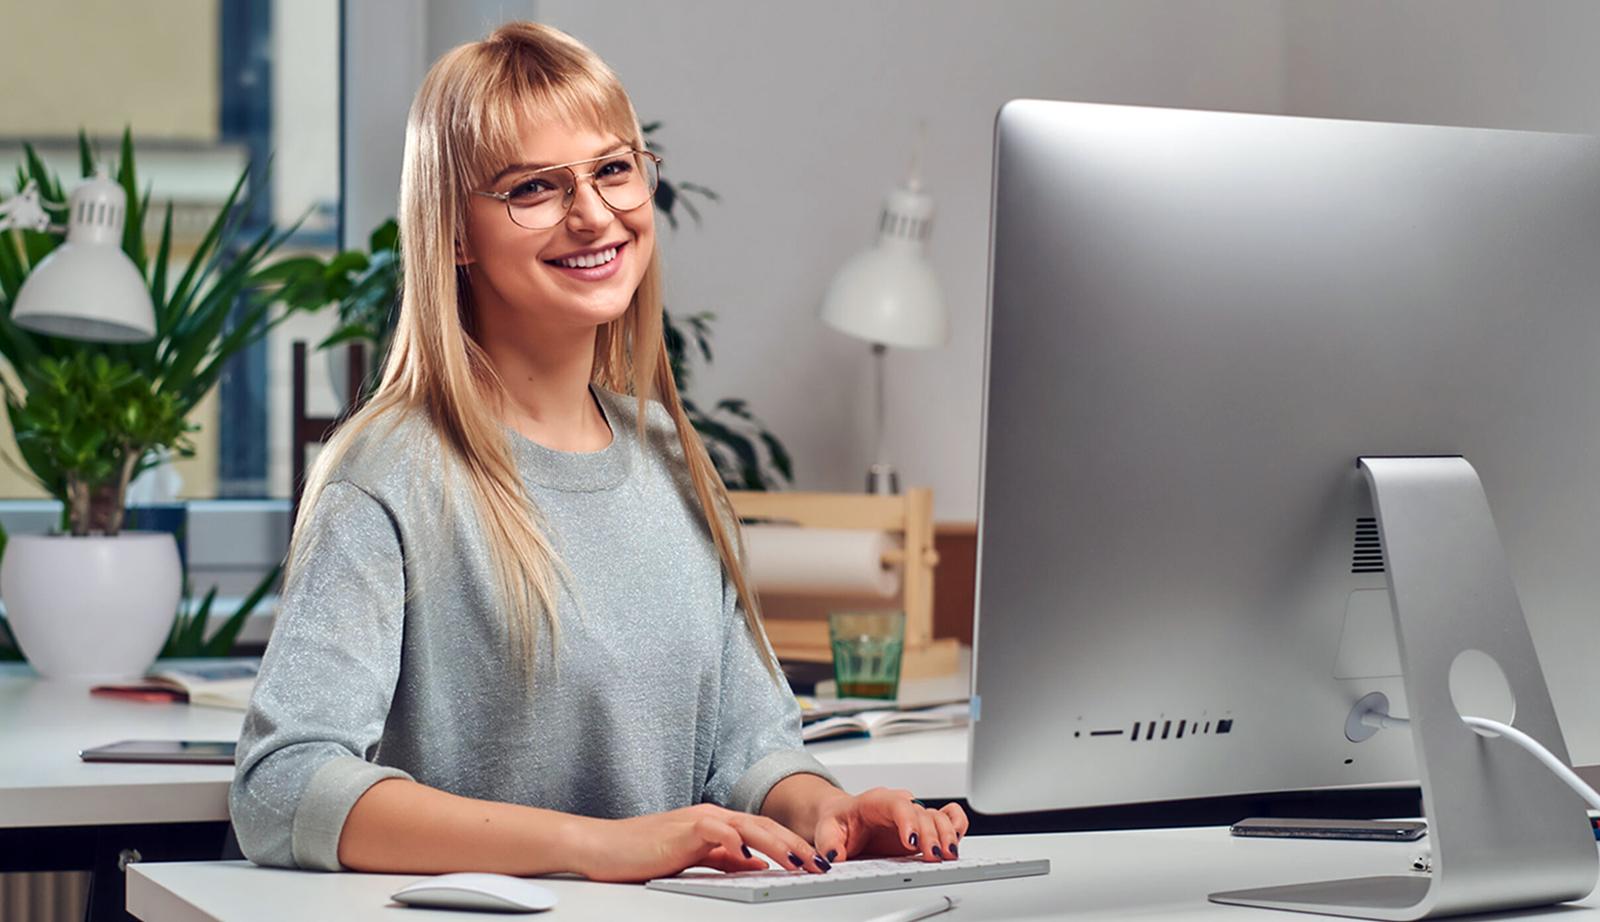 Planificarea tactică, de ce o afacere online are nevoie de o strategie clară?